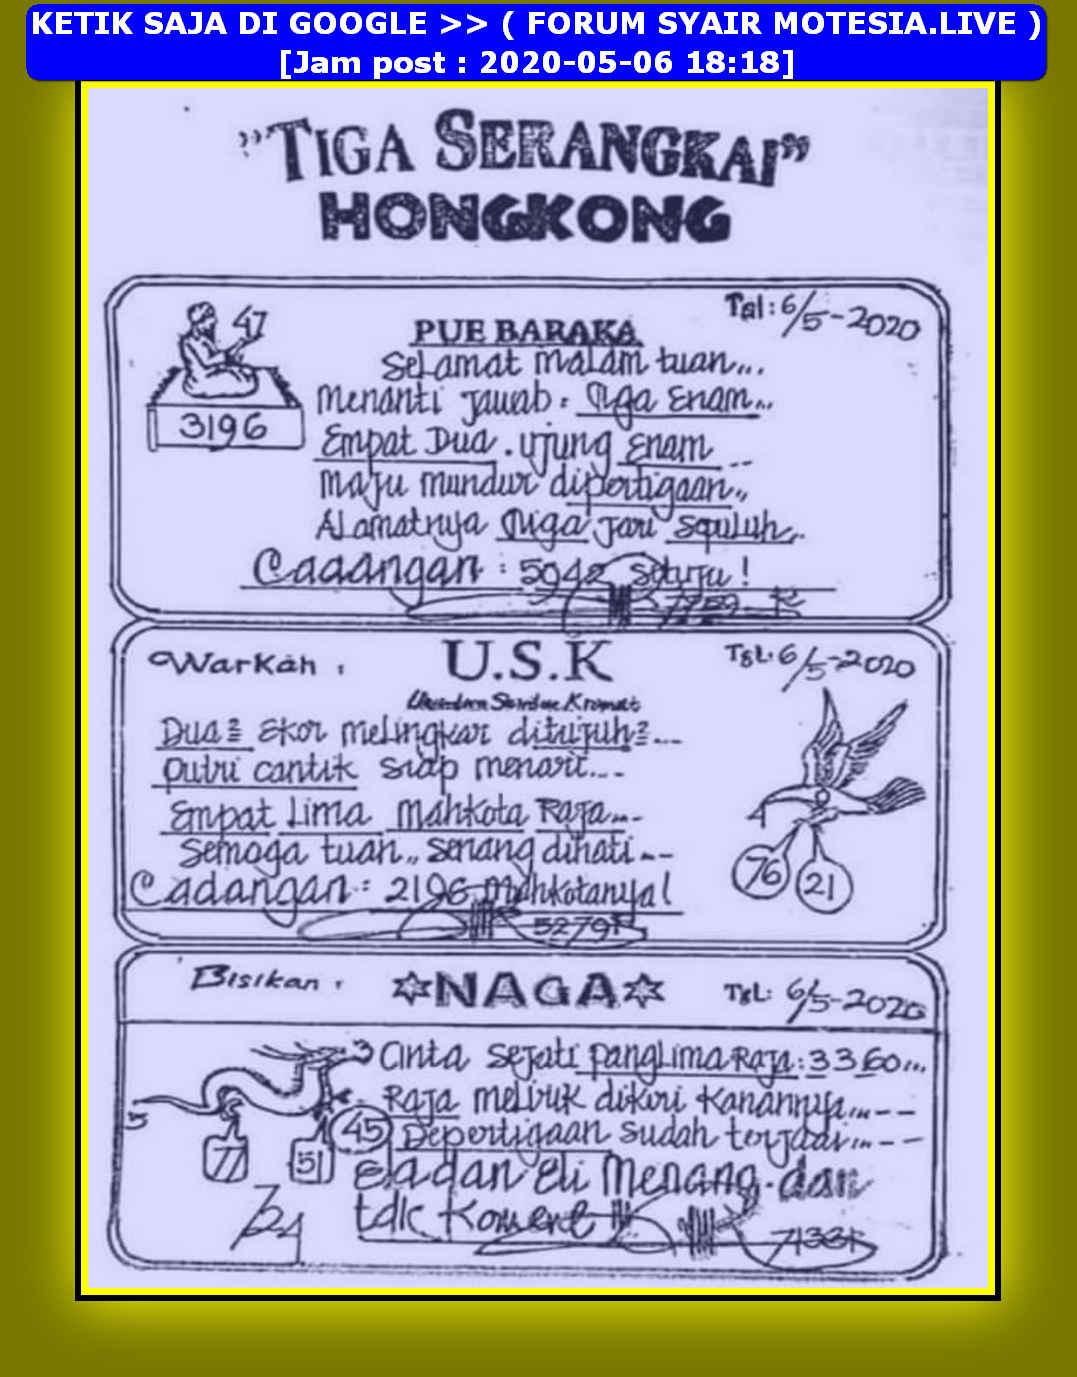 Kode syair Hongkong Rabu 6 Mei 2020 40